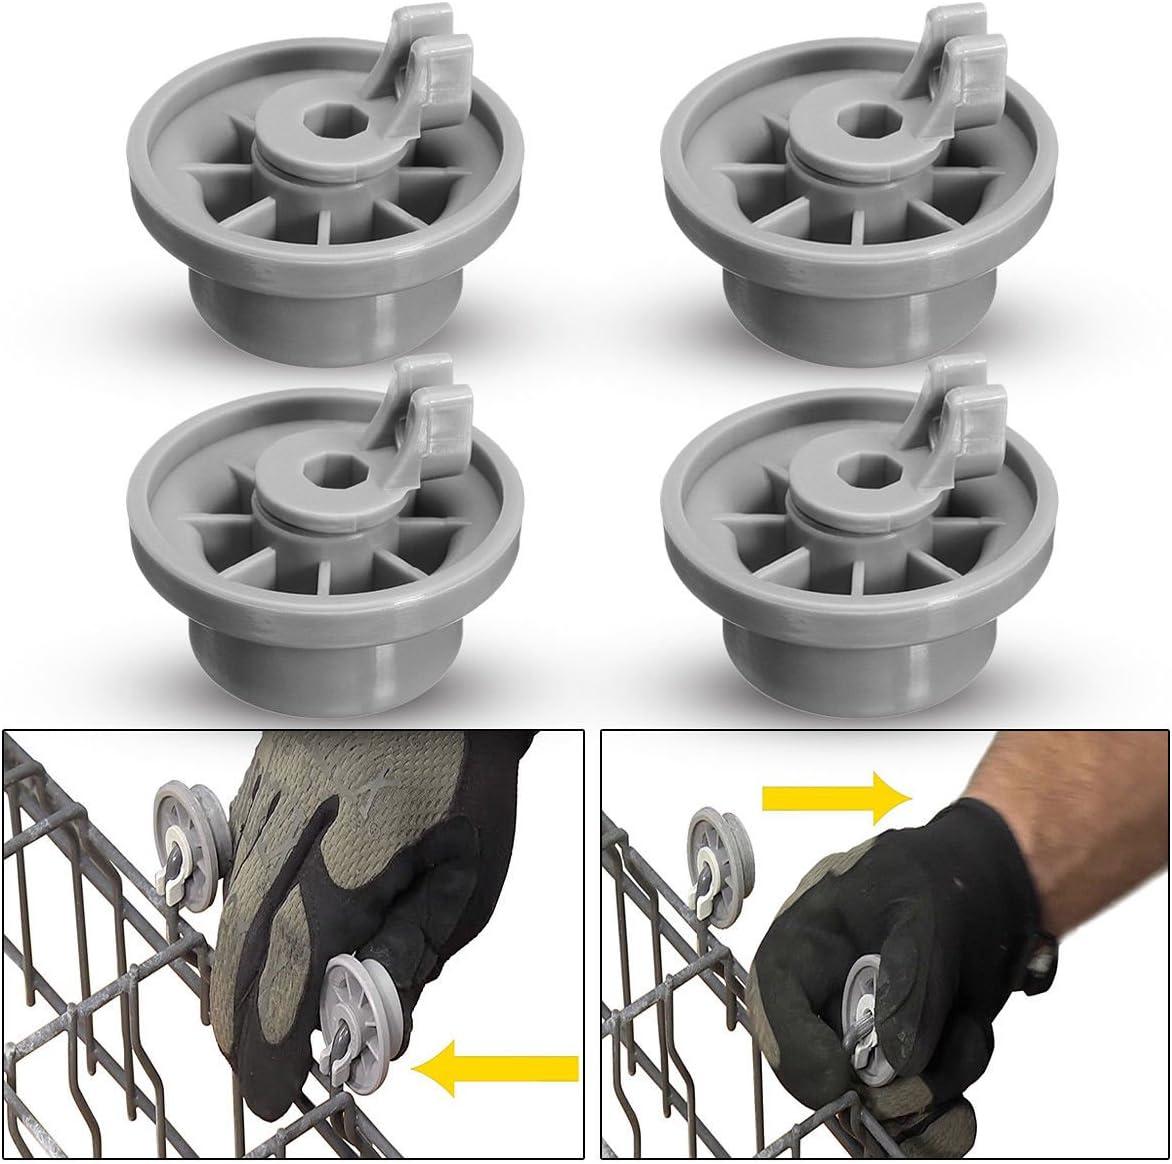 Amazon.com: MAYITOP - 4 ruedas para estante inferior de ...